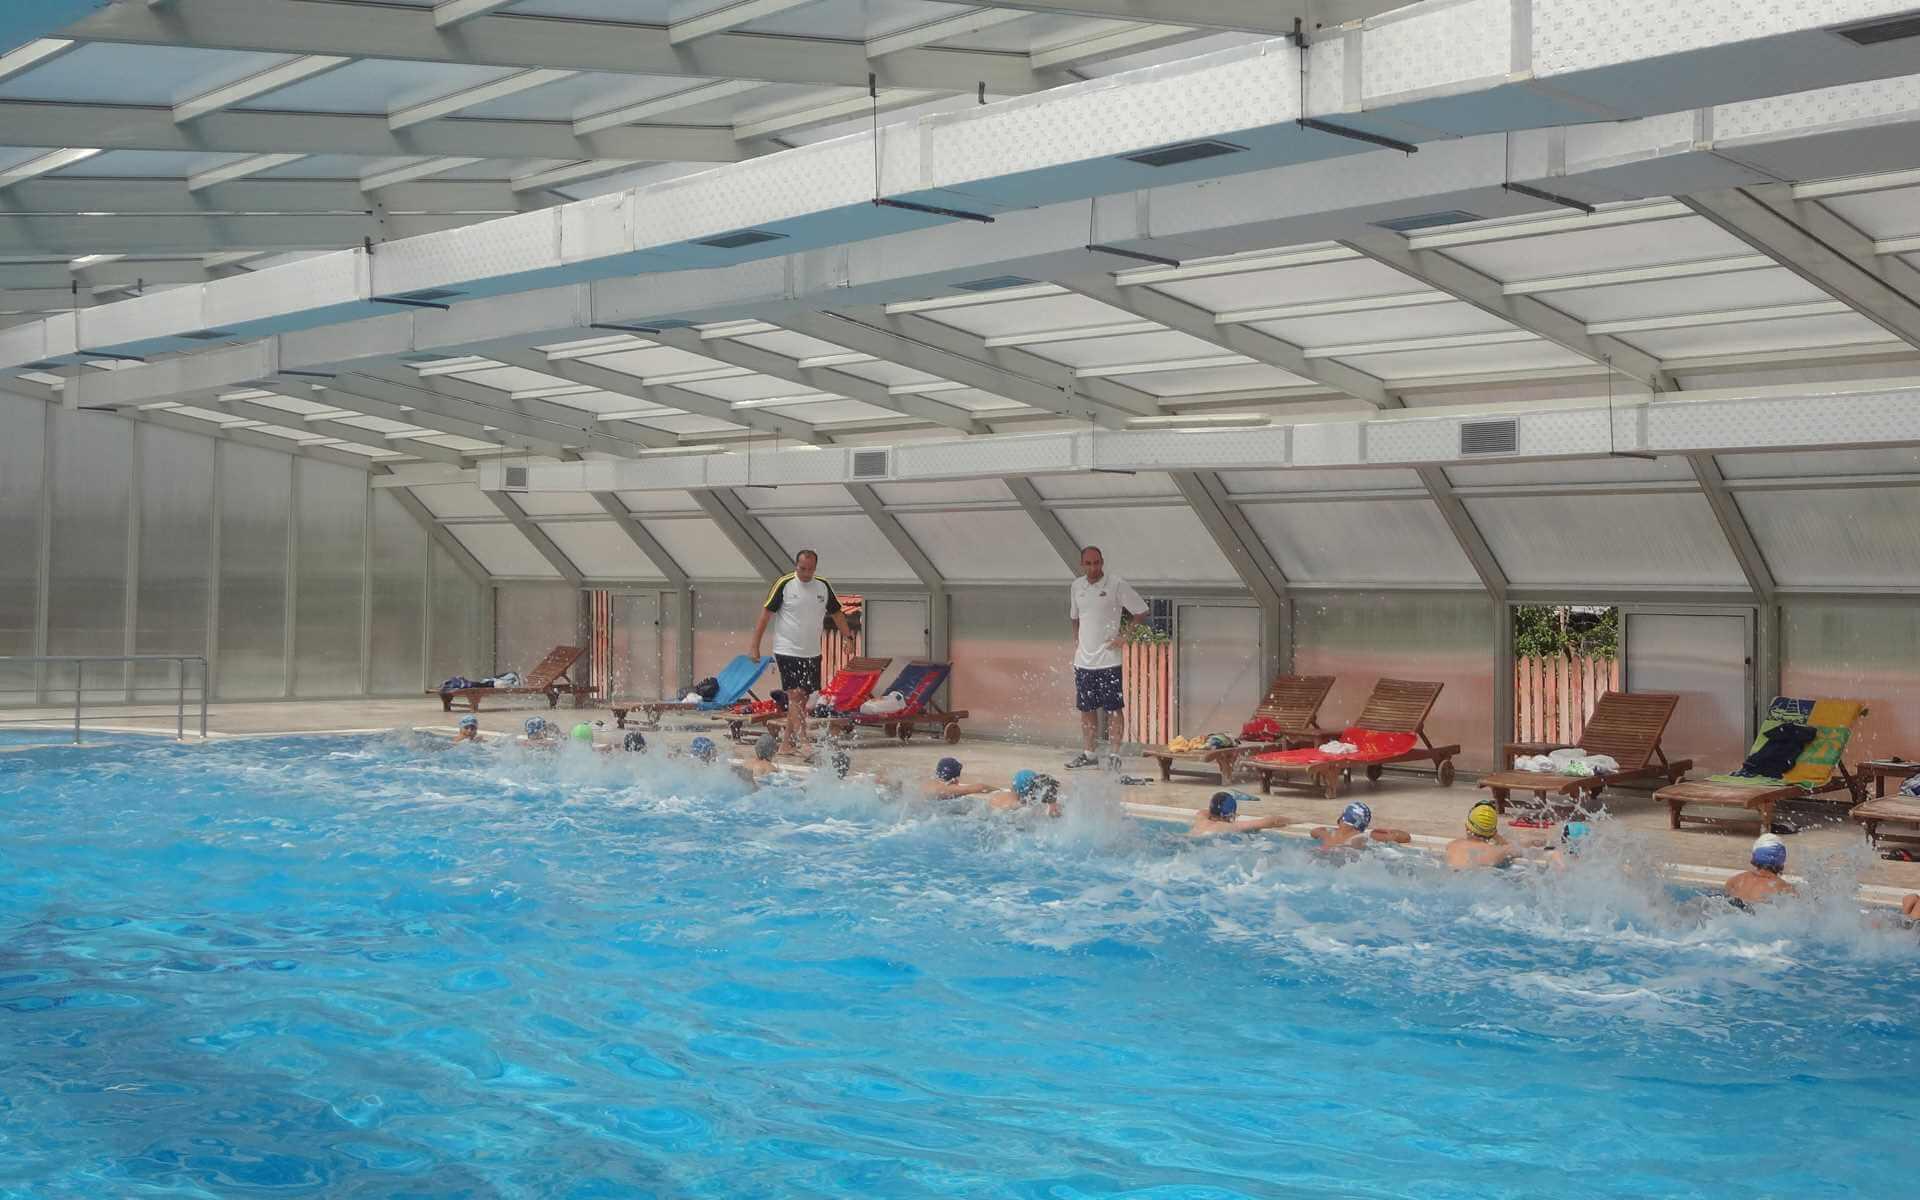 Kastamonu İksir Resort Town Kapalı Yüzme Havuzu Etkinliği